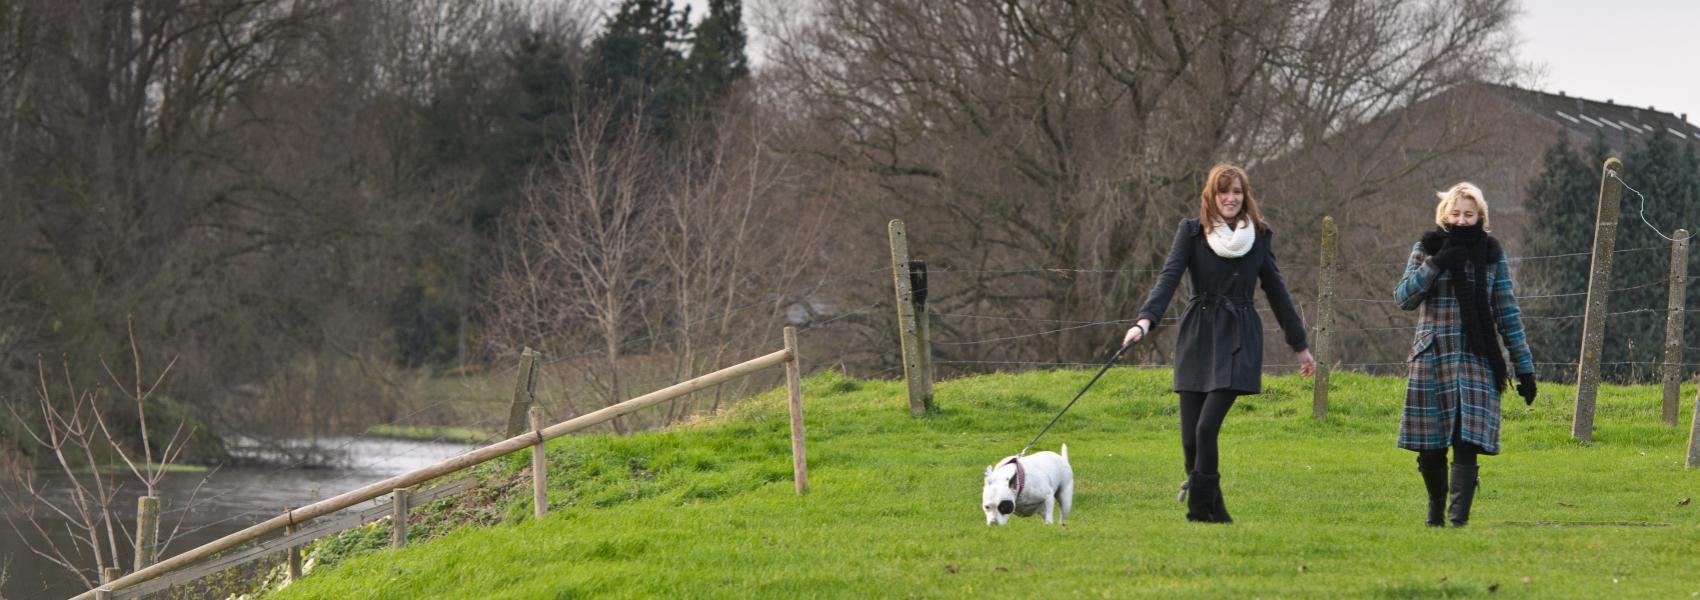 twee wandelaars met een hond